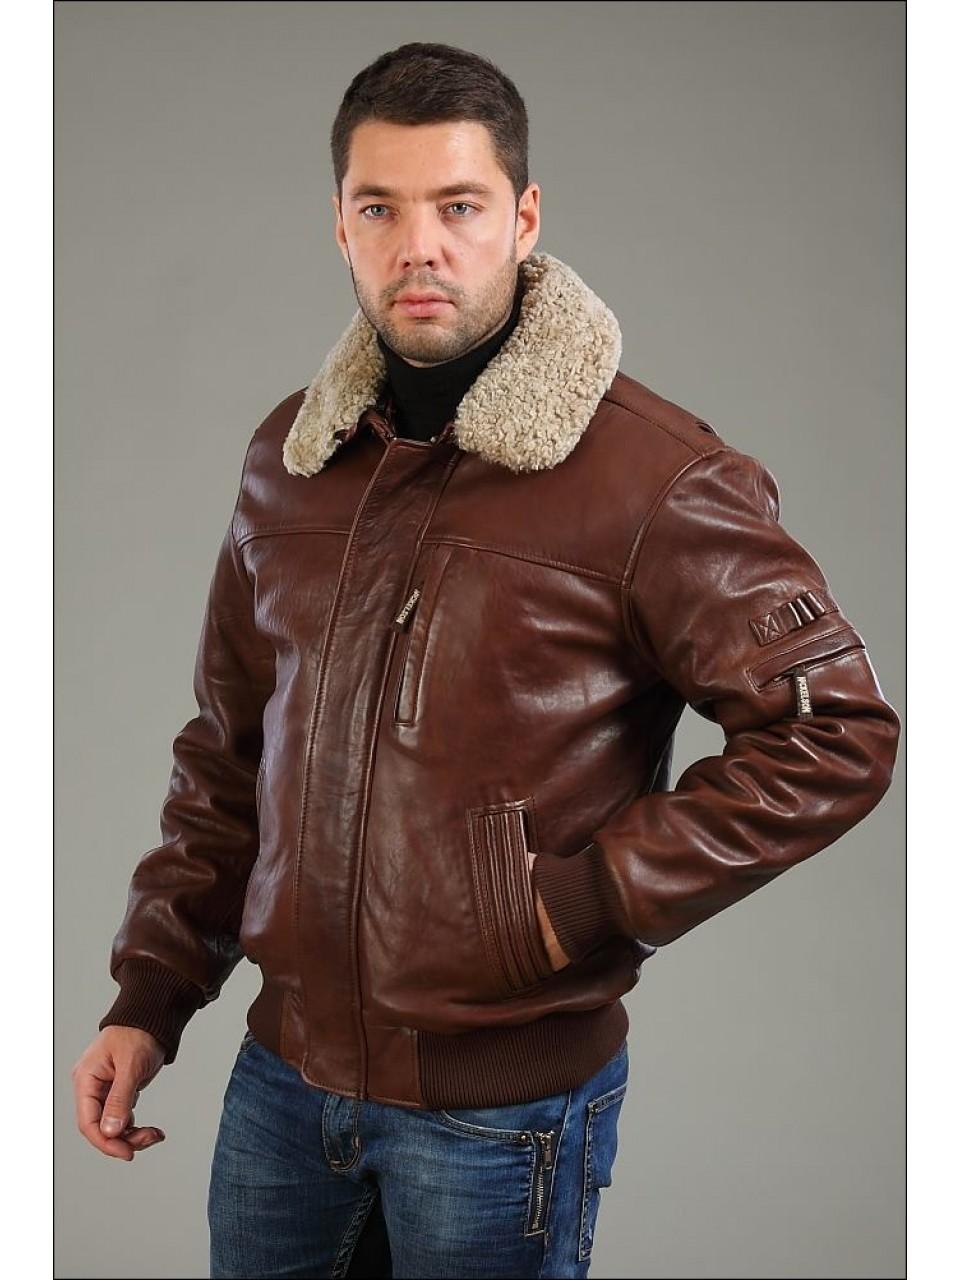 161b65ff Зимние мужские кожаные куртки: пилот, на меху, с капюшоном